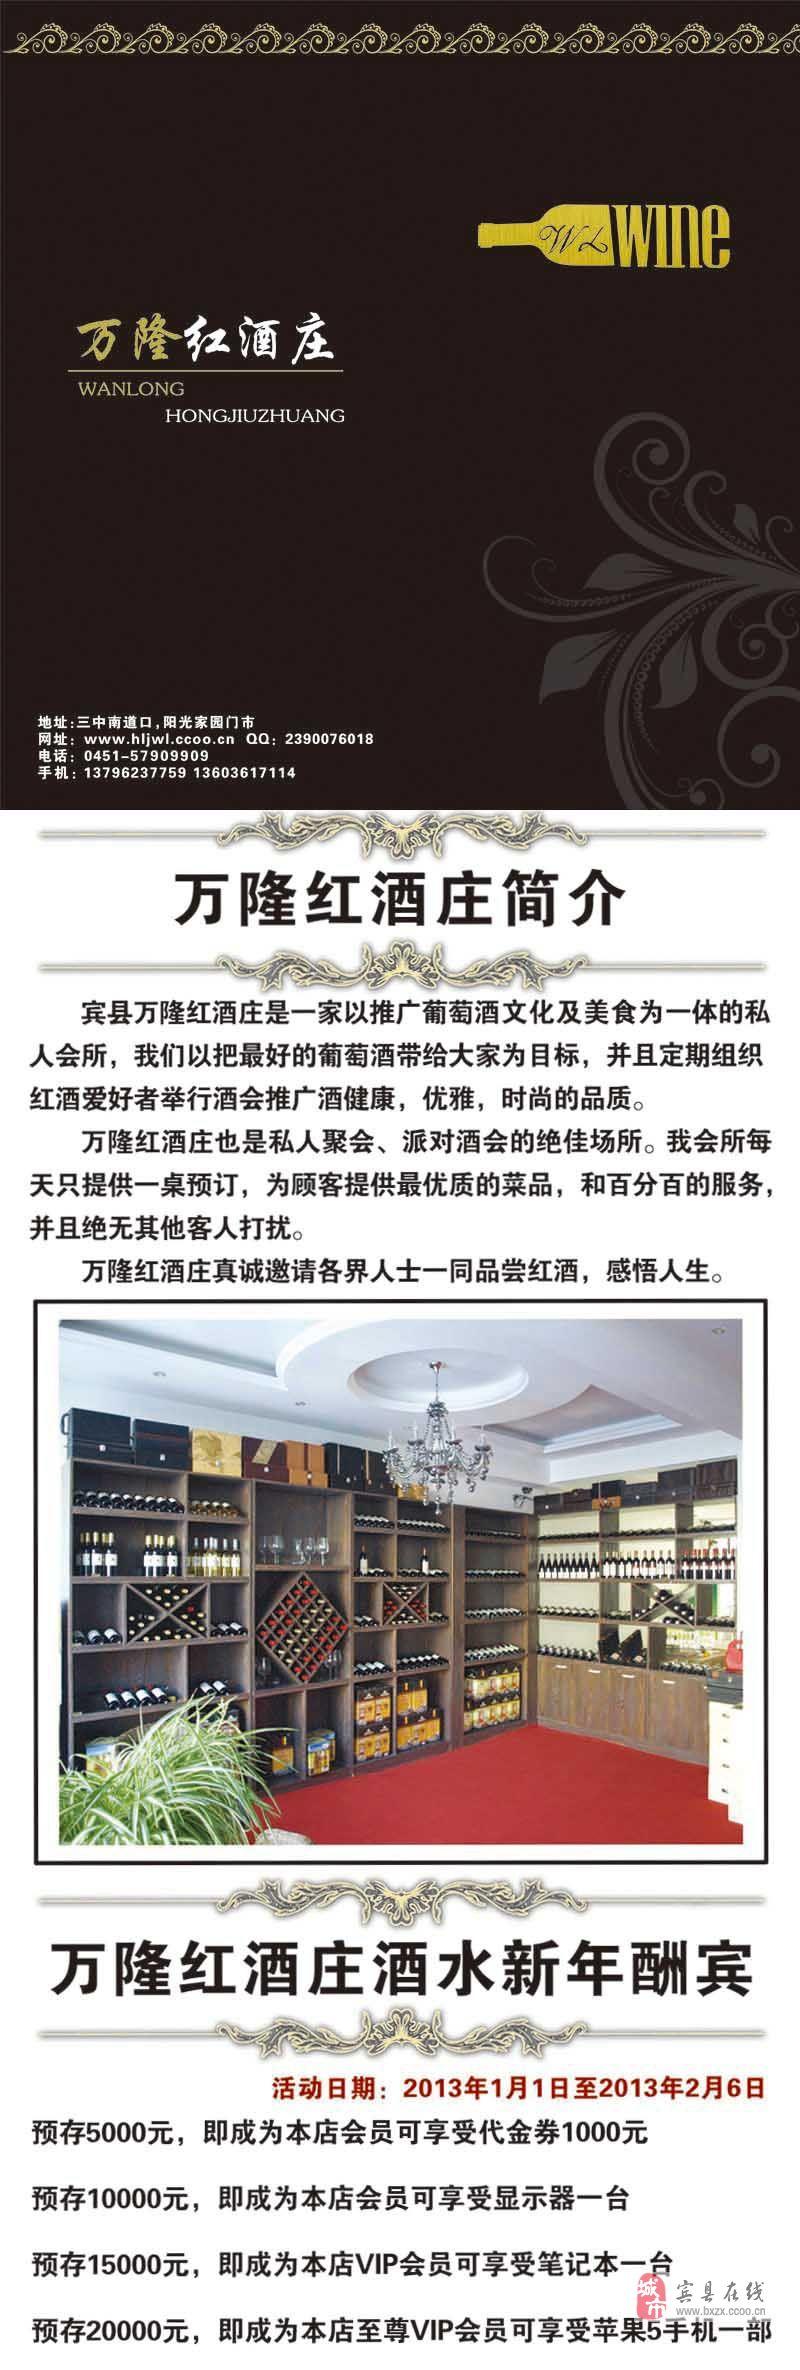 万隆红酒庄酒水新年酬宾 办理VIP赠送iphone5手机